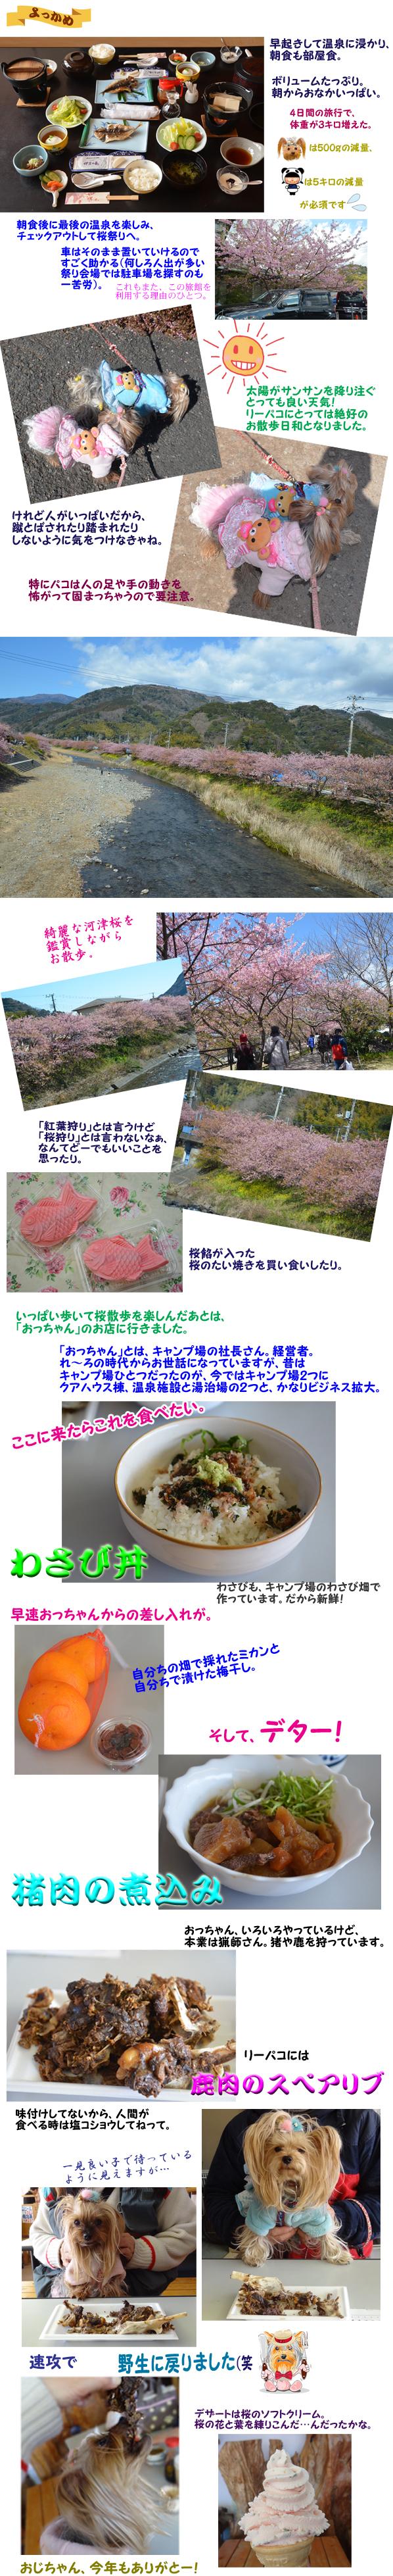 桜まつり のコピー